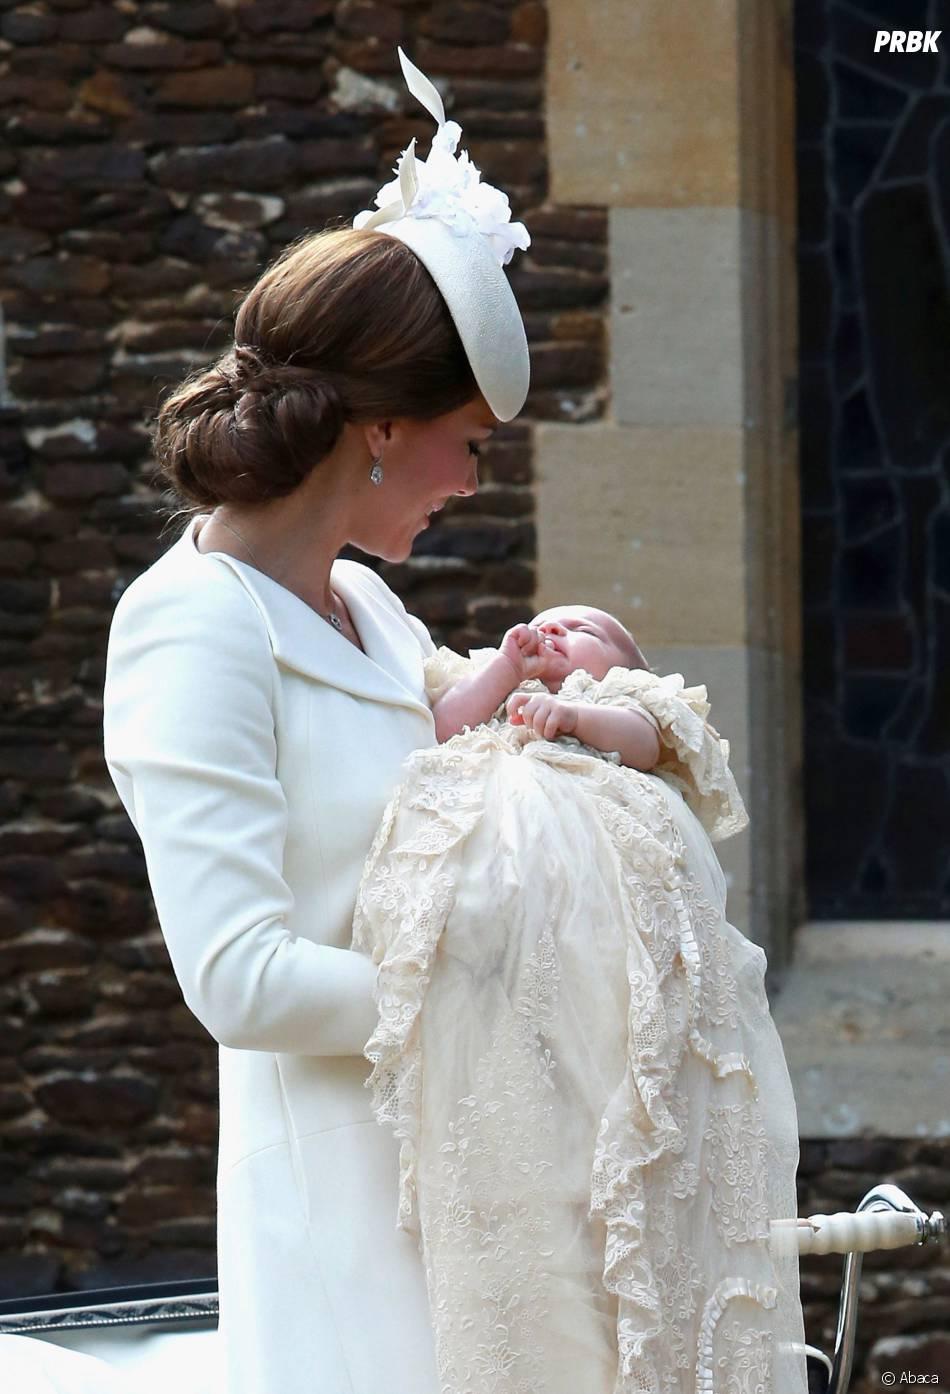 Kate Middleton s'occupe de la Princesse Charlotte le jour de son baptême, le 5 juillet 2015 en Angleterre